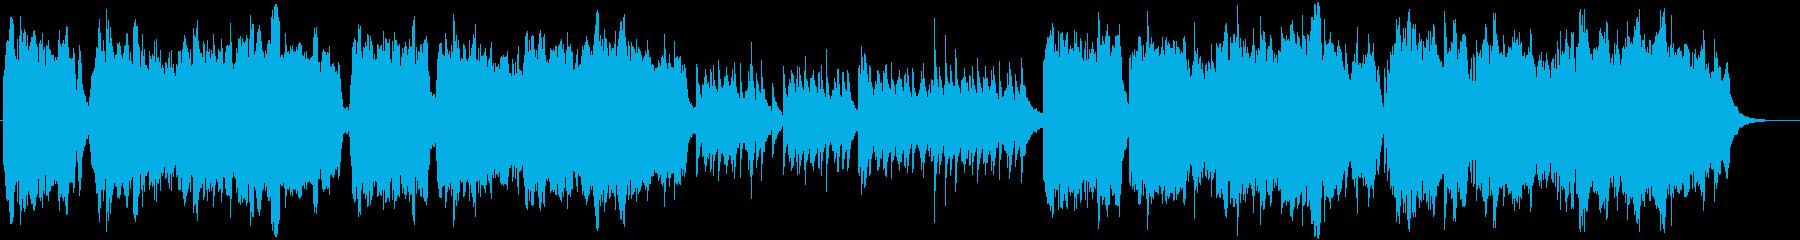 チェロとピアノのノスタルジックな曲の再生済みの波形